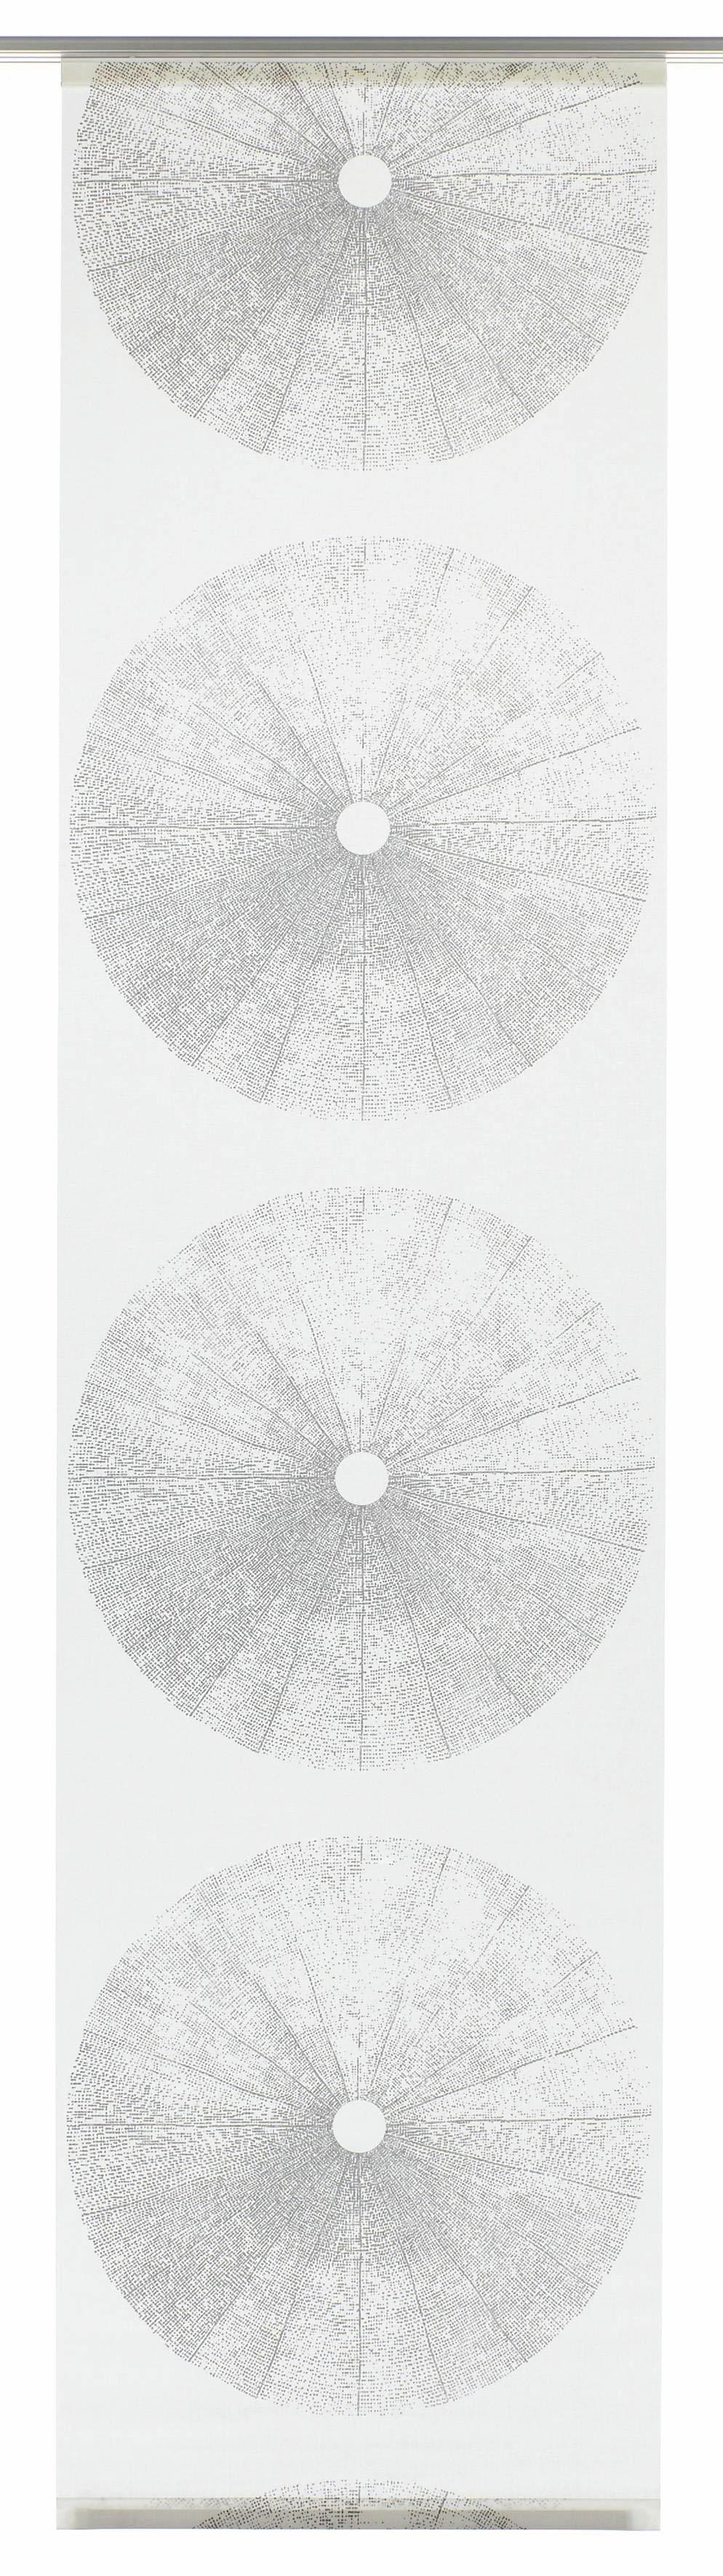 GARDINIA Paneelgordijn stof Tree met zilverkleurige rail HxB: 245x60 (1 stuk) - gratis ruilen op otto.nl